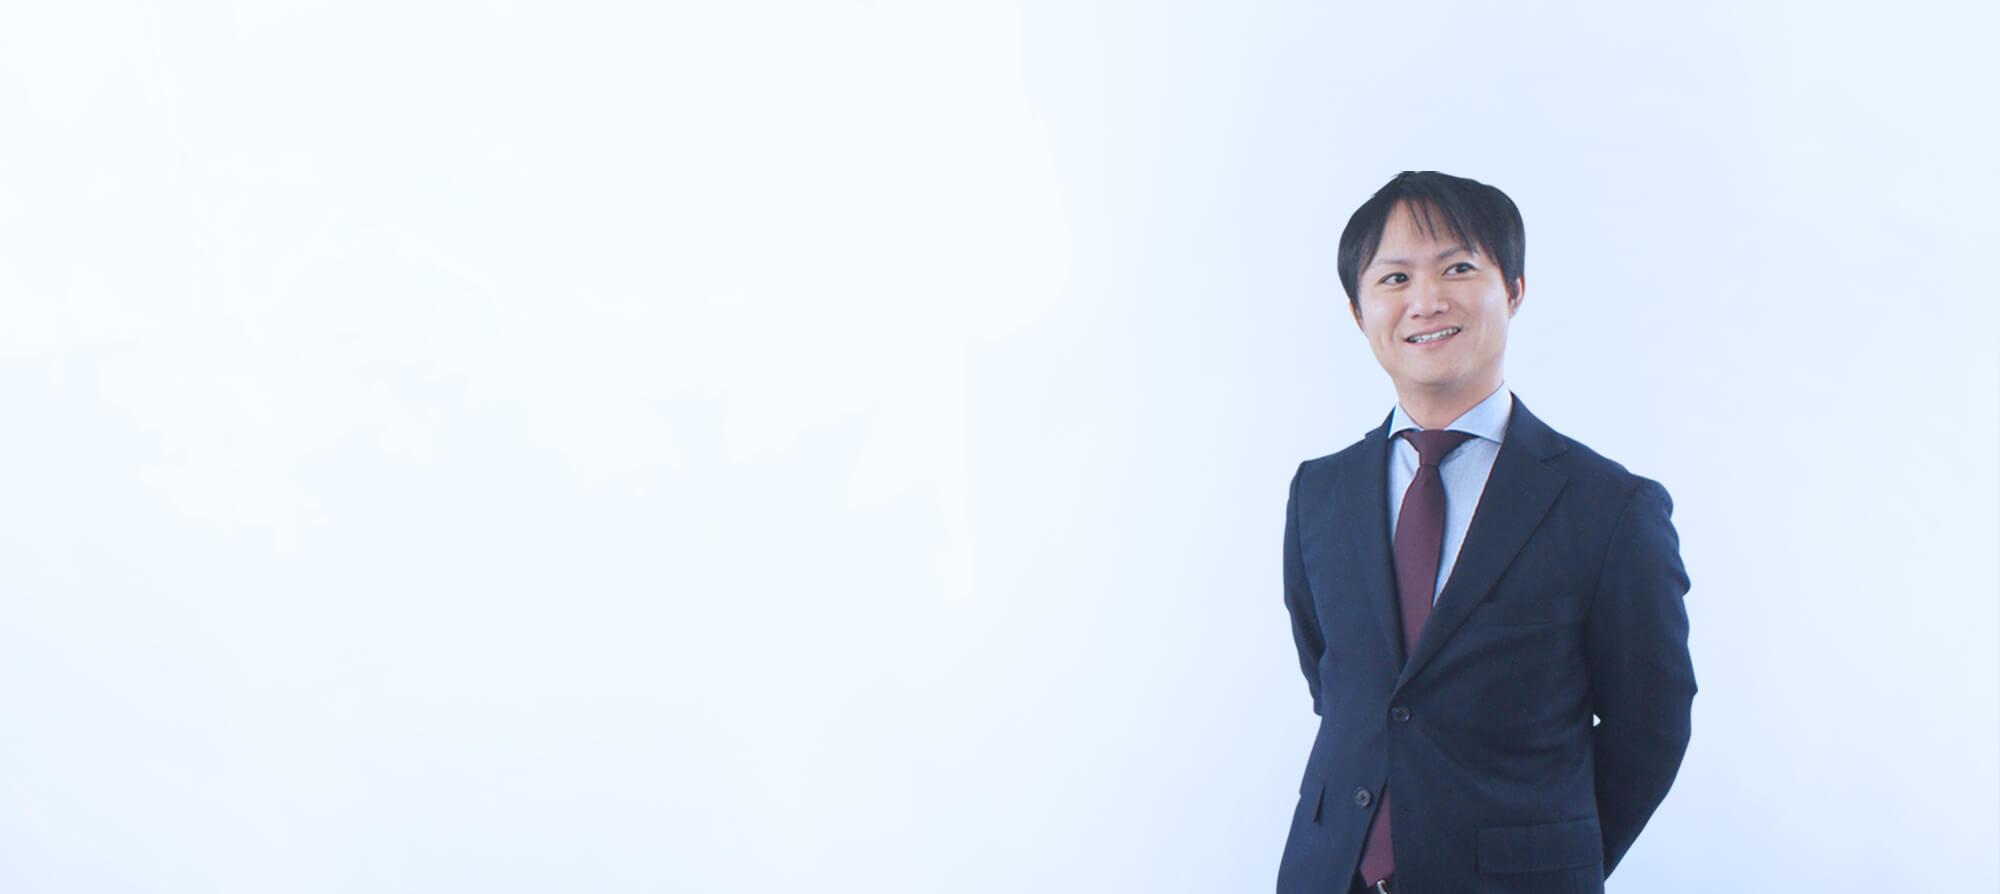 Youji Watanabe